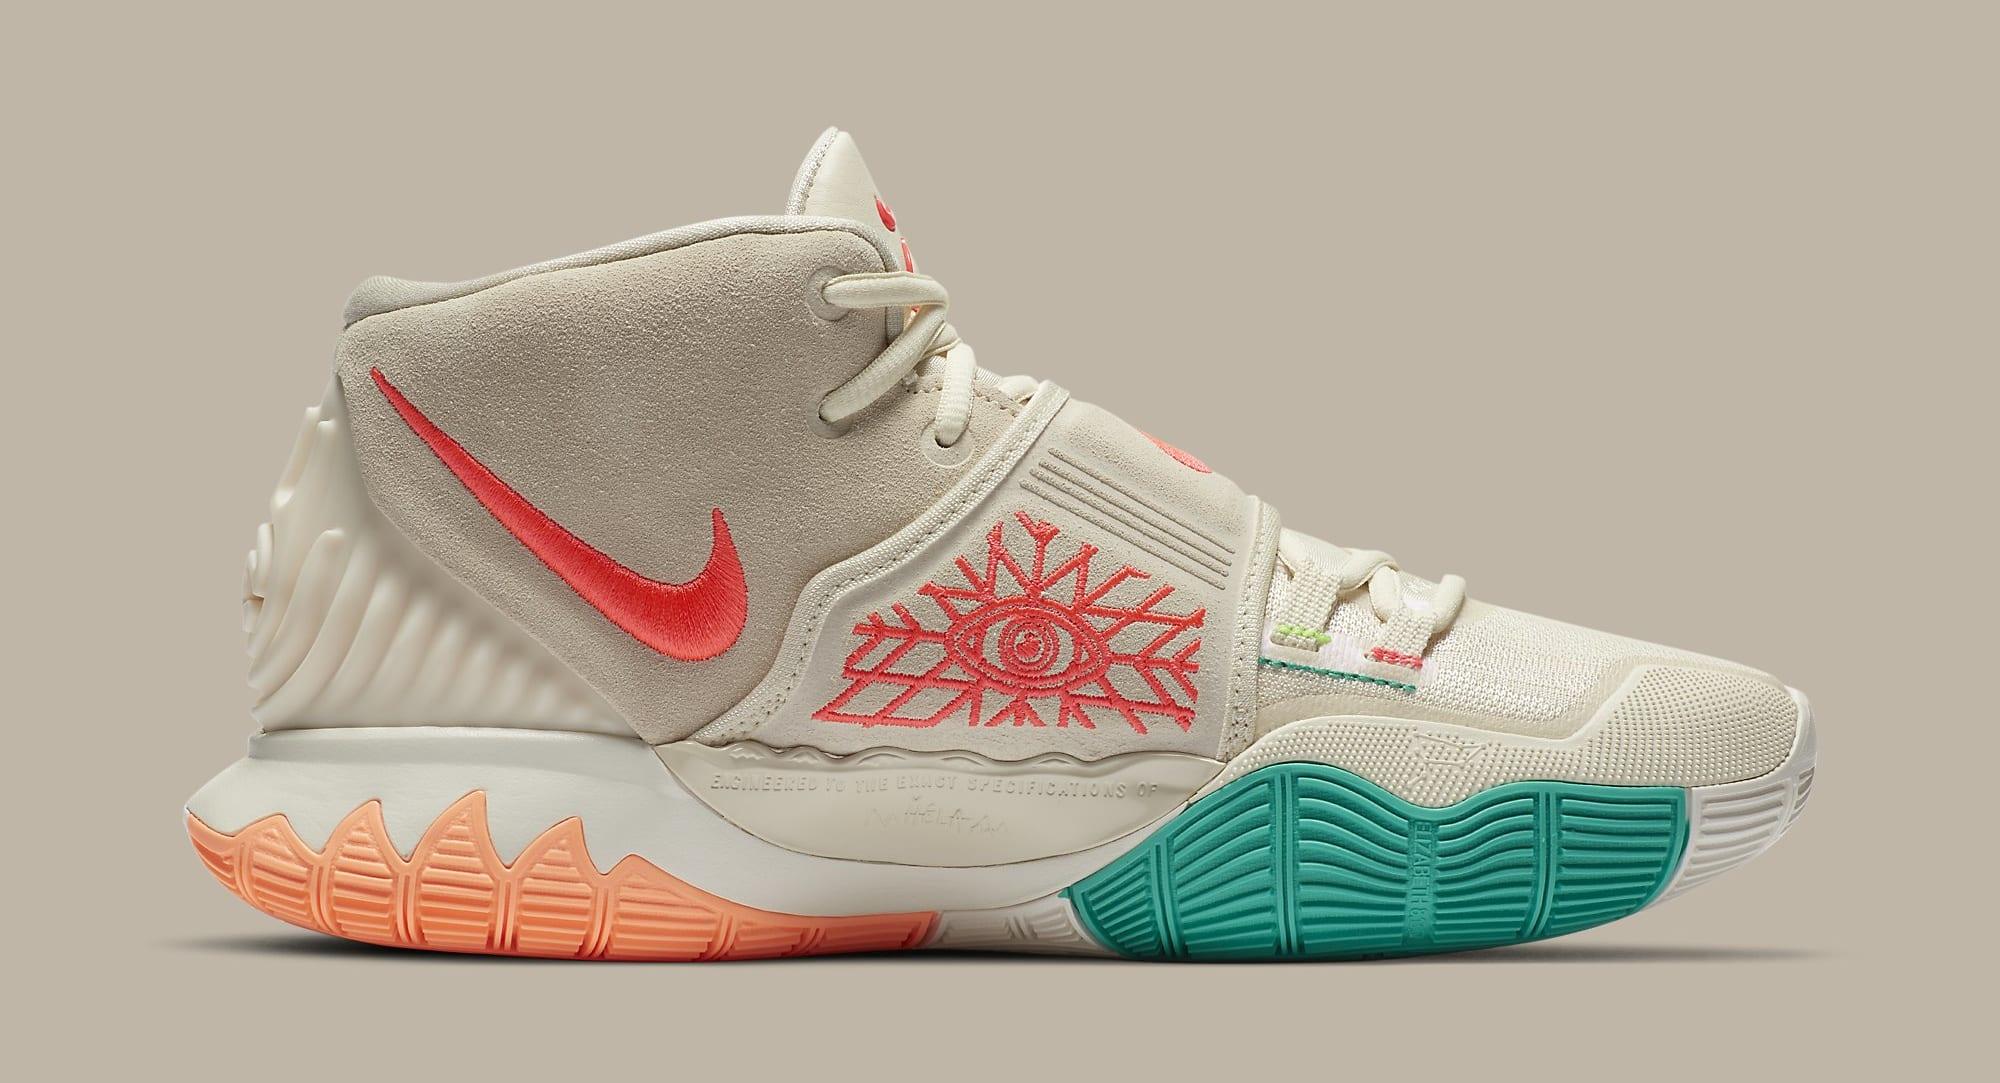 Nike Kyrie 6 'N7' CW1785-200 Medial